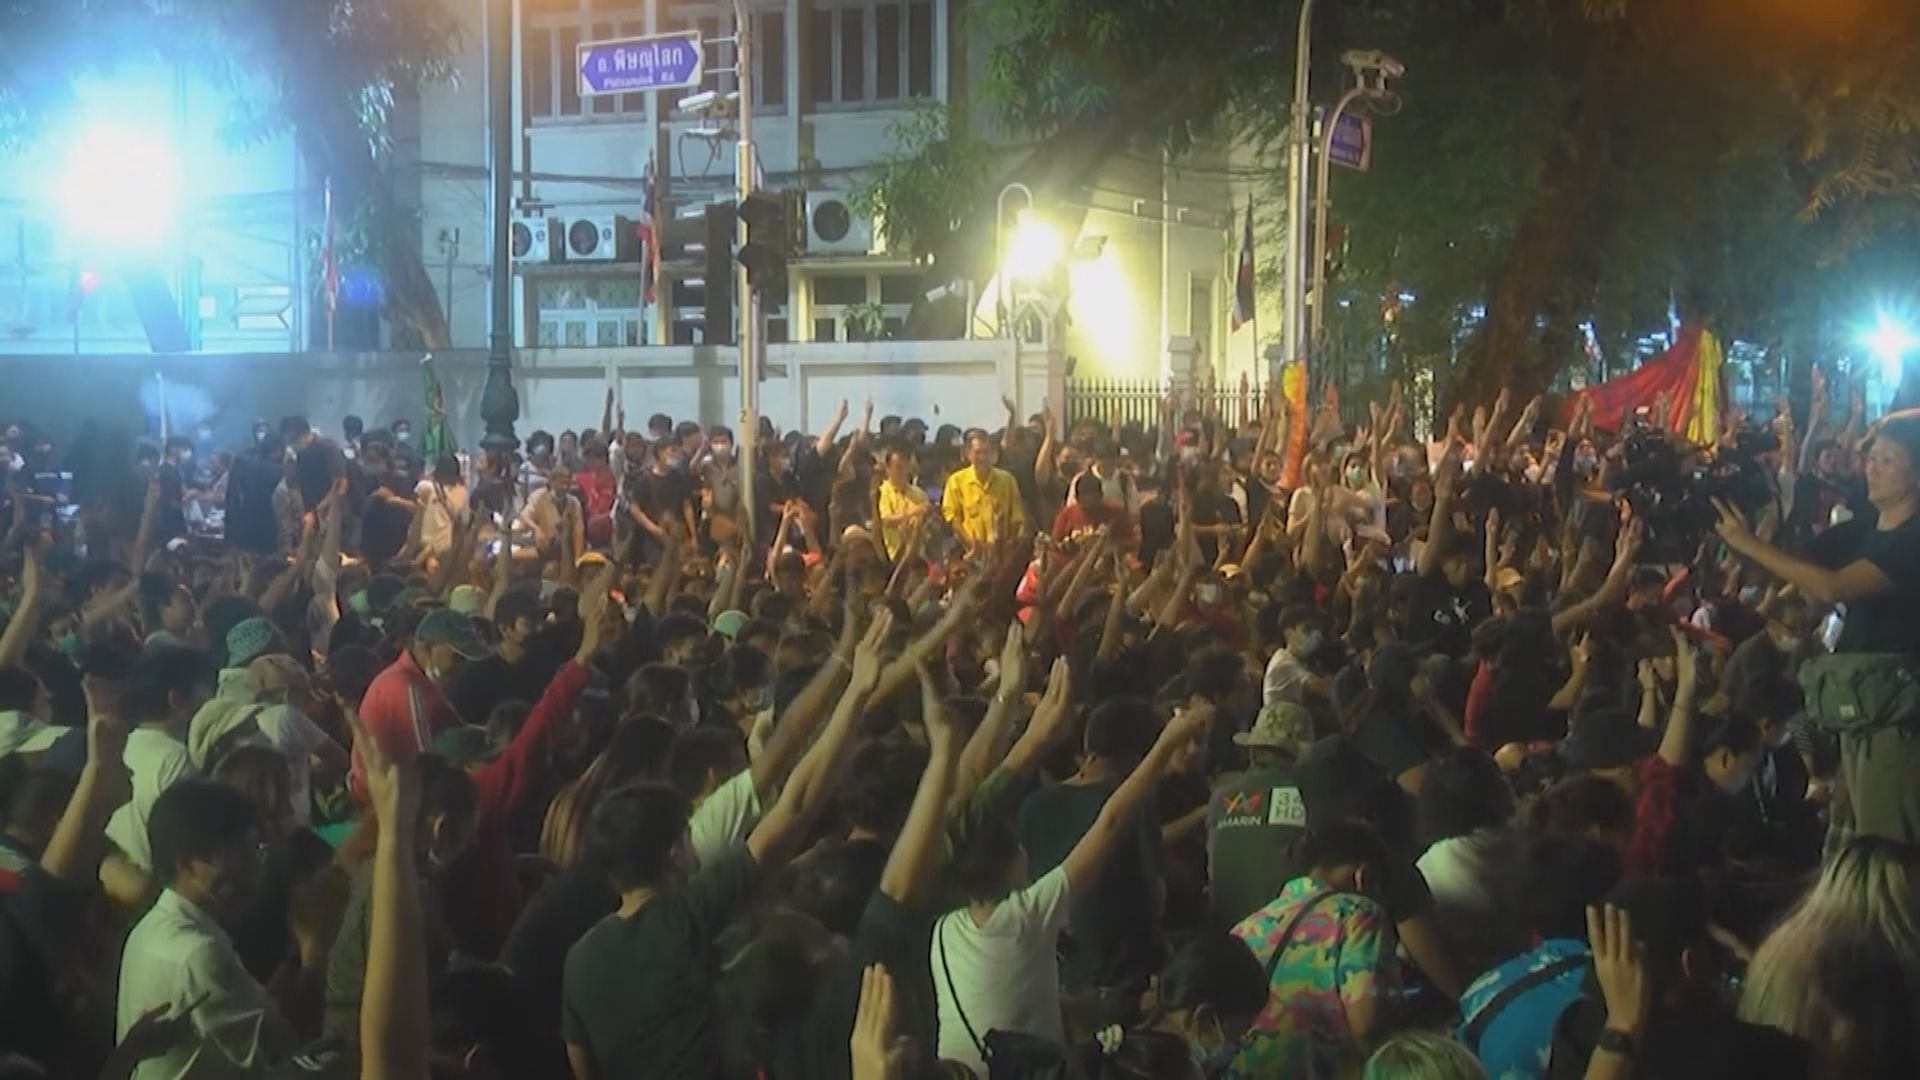 泰國反政府示威升級 曼谷進入緊急狀態禁大型集會